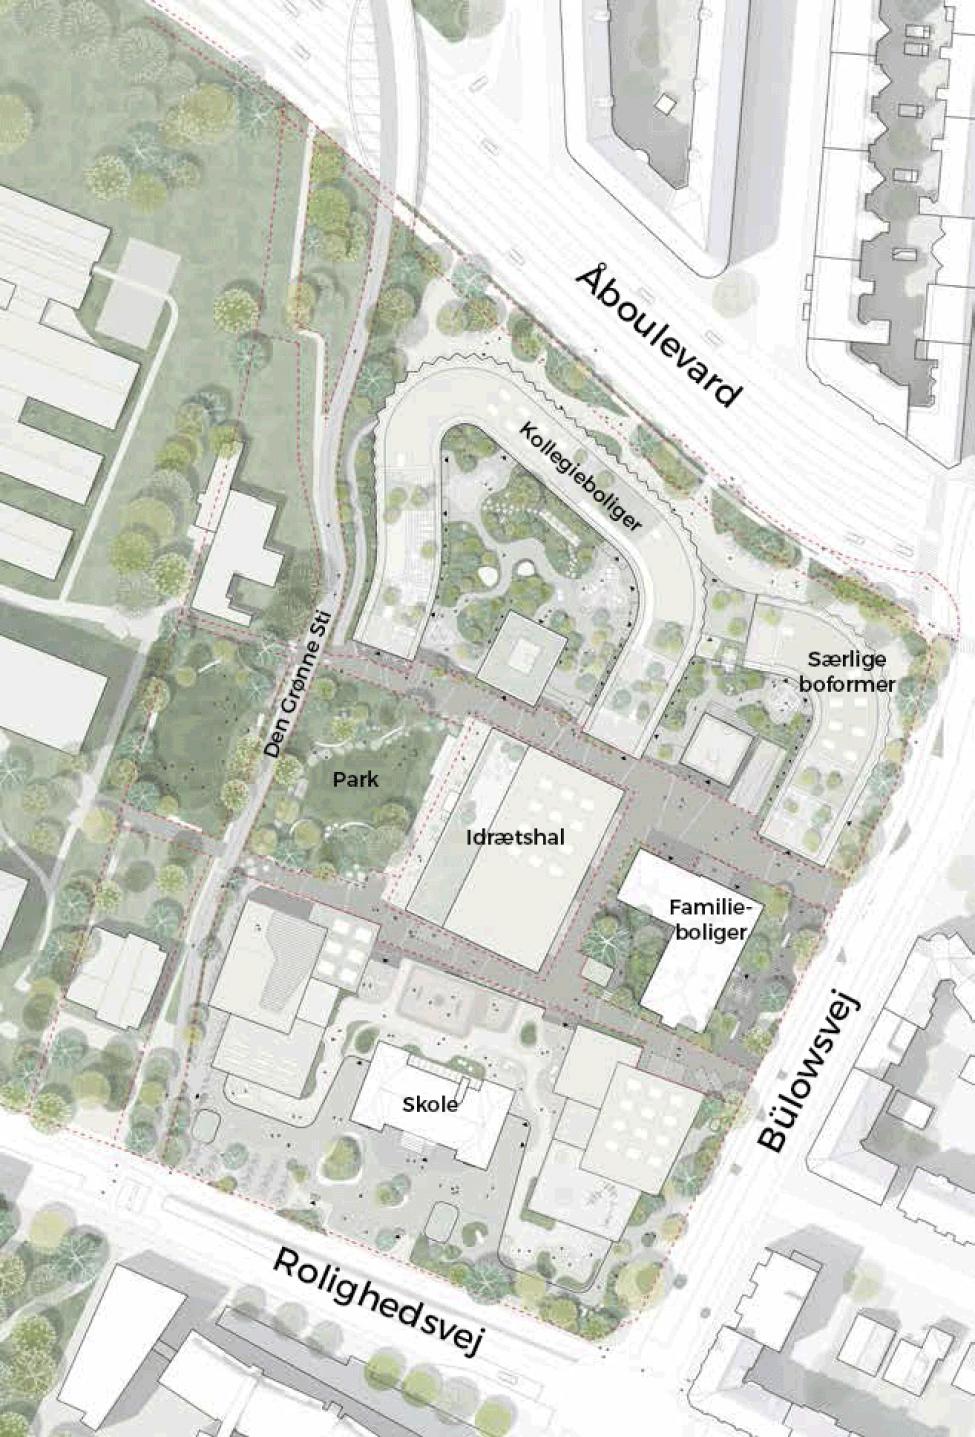 Rolighedsvej Campus plan